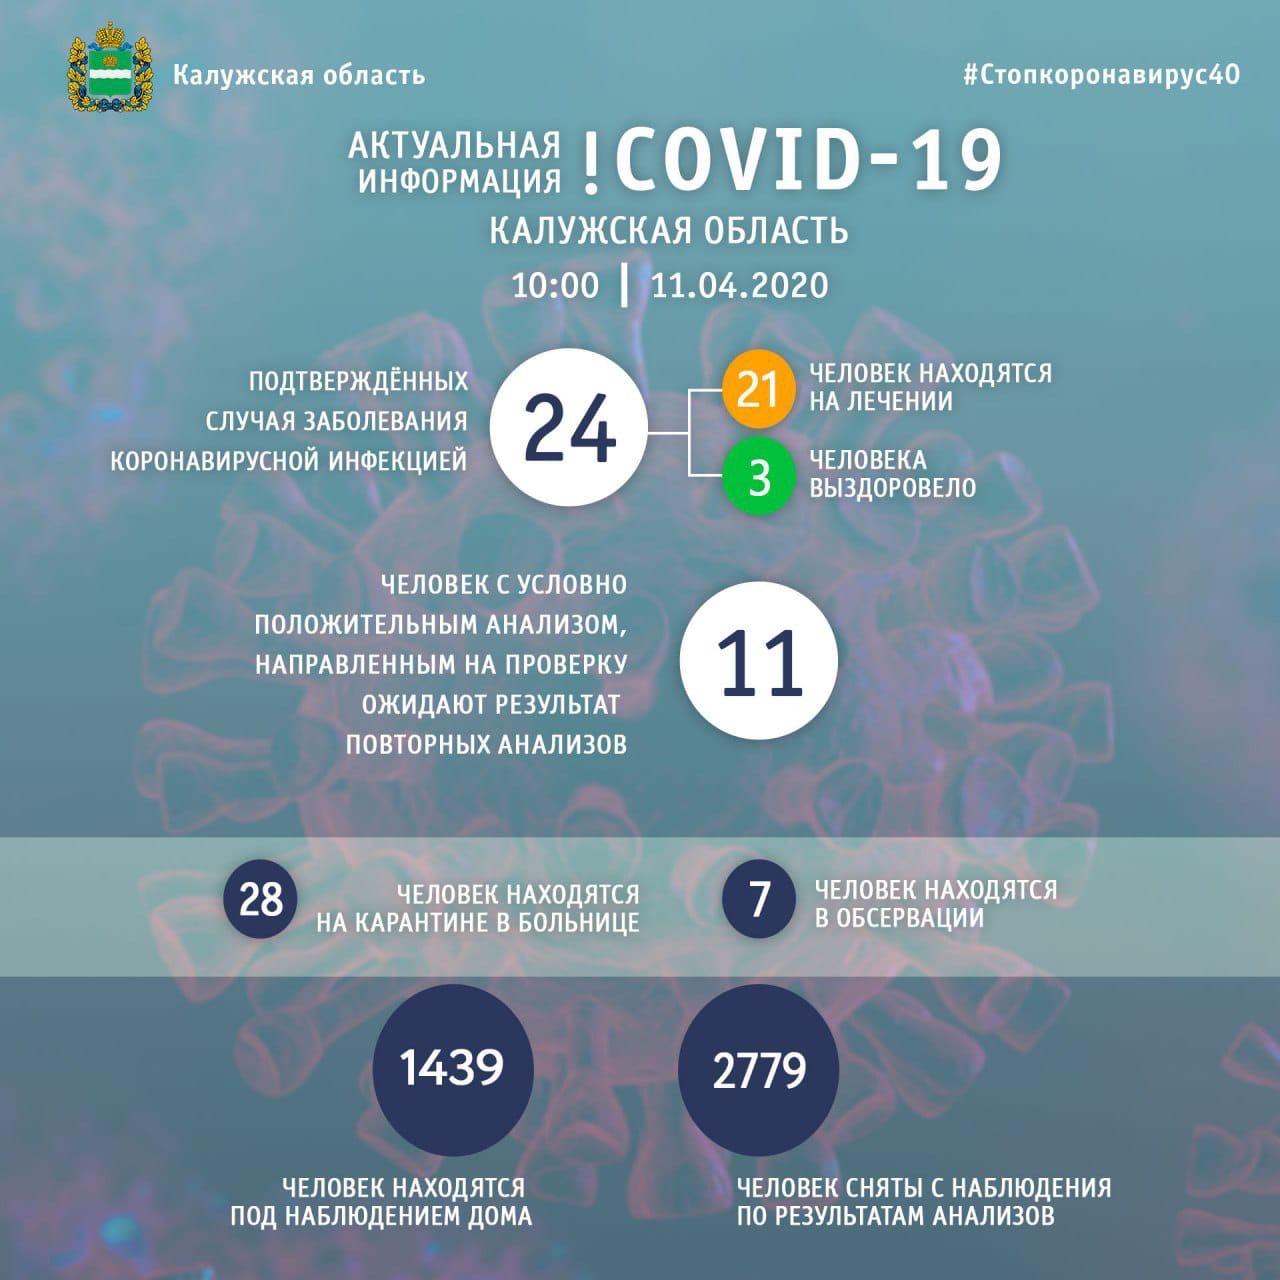 Шапша сообщил, что в регионе уже 24 заболевших коронавирусом, один из Козельского района